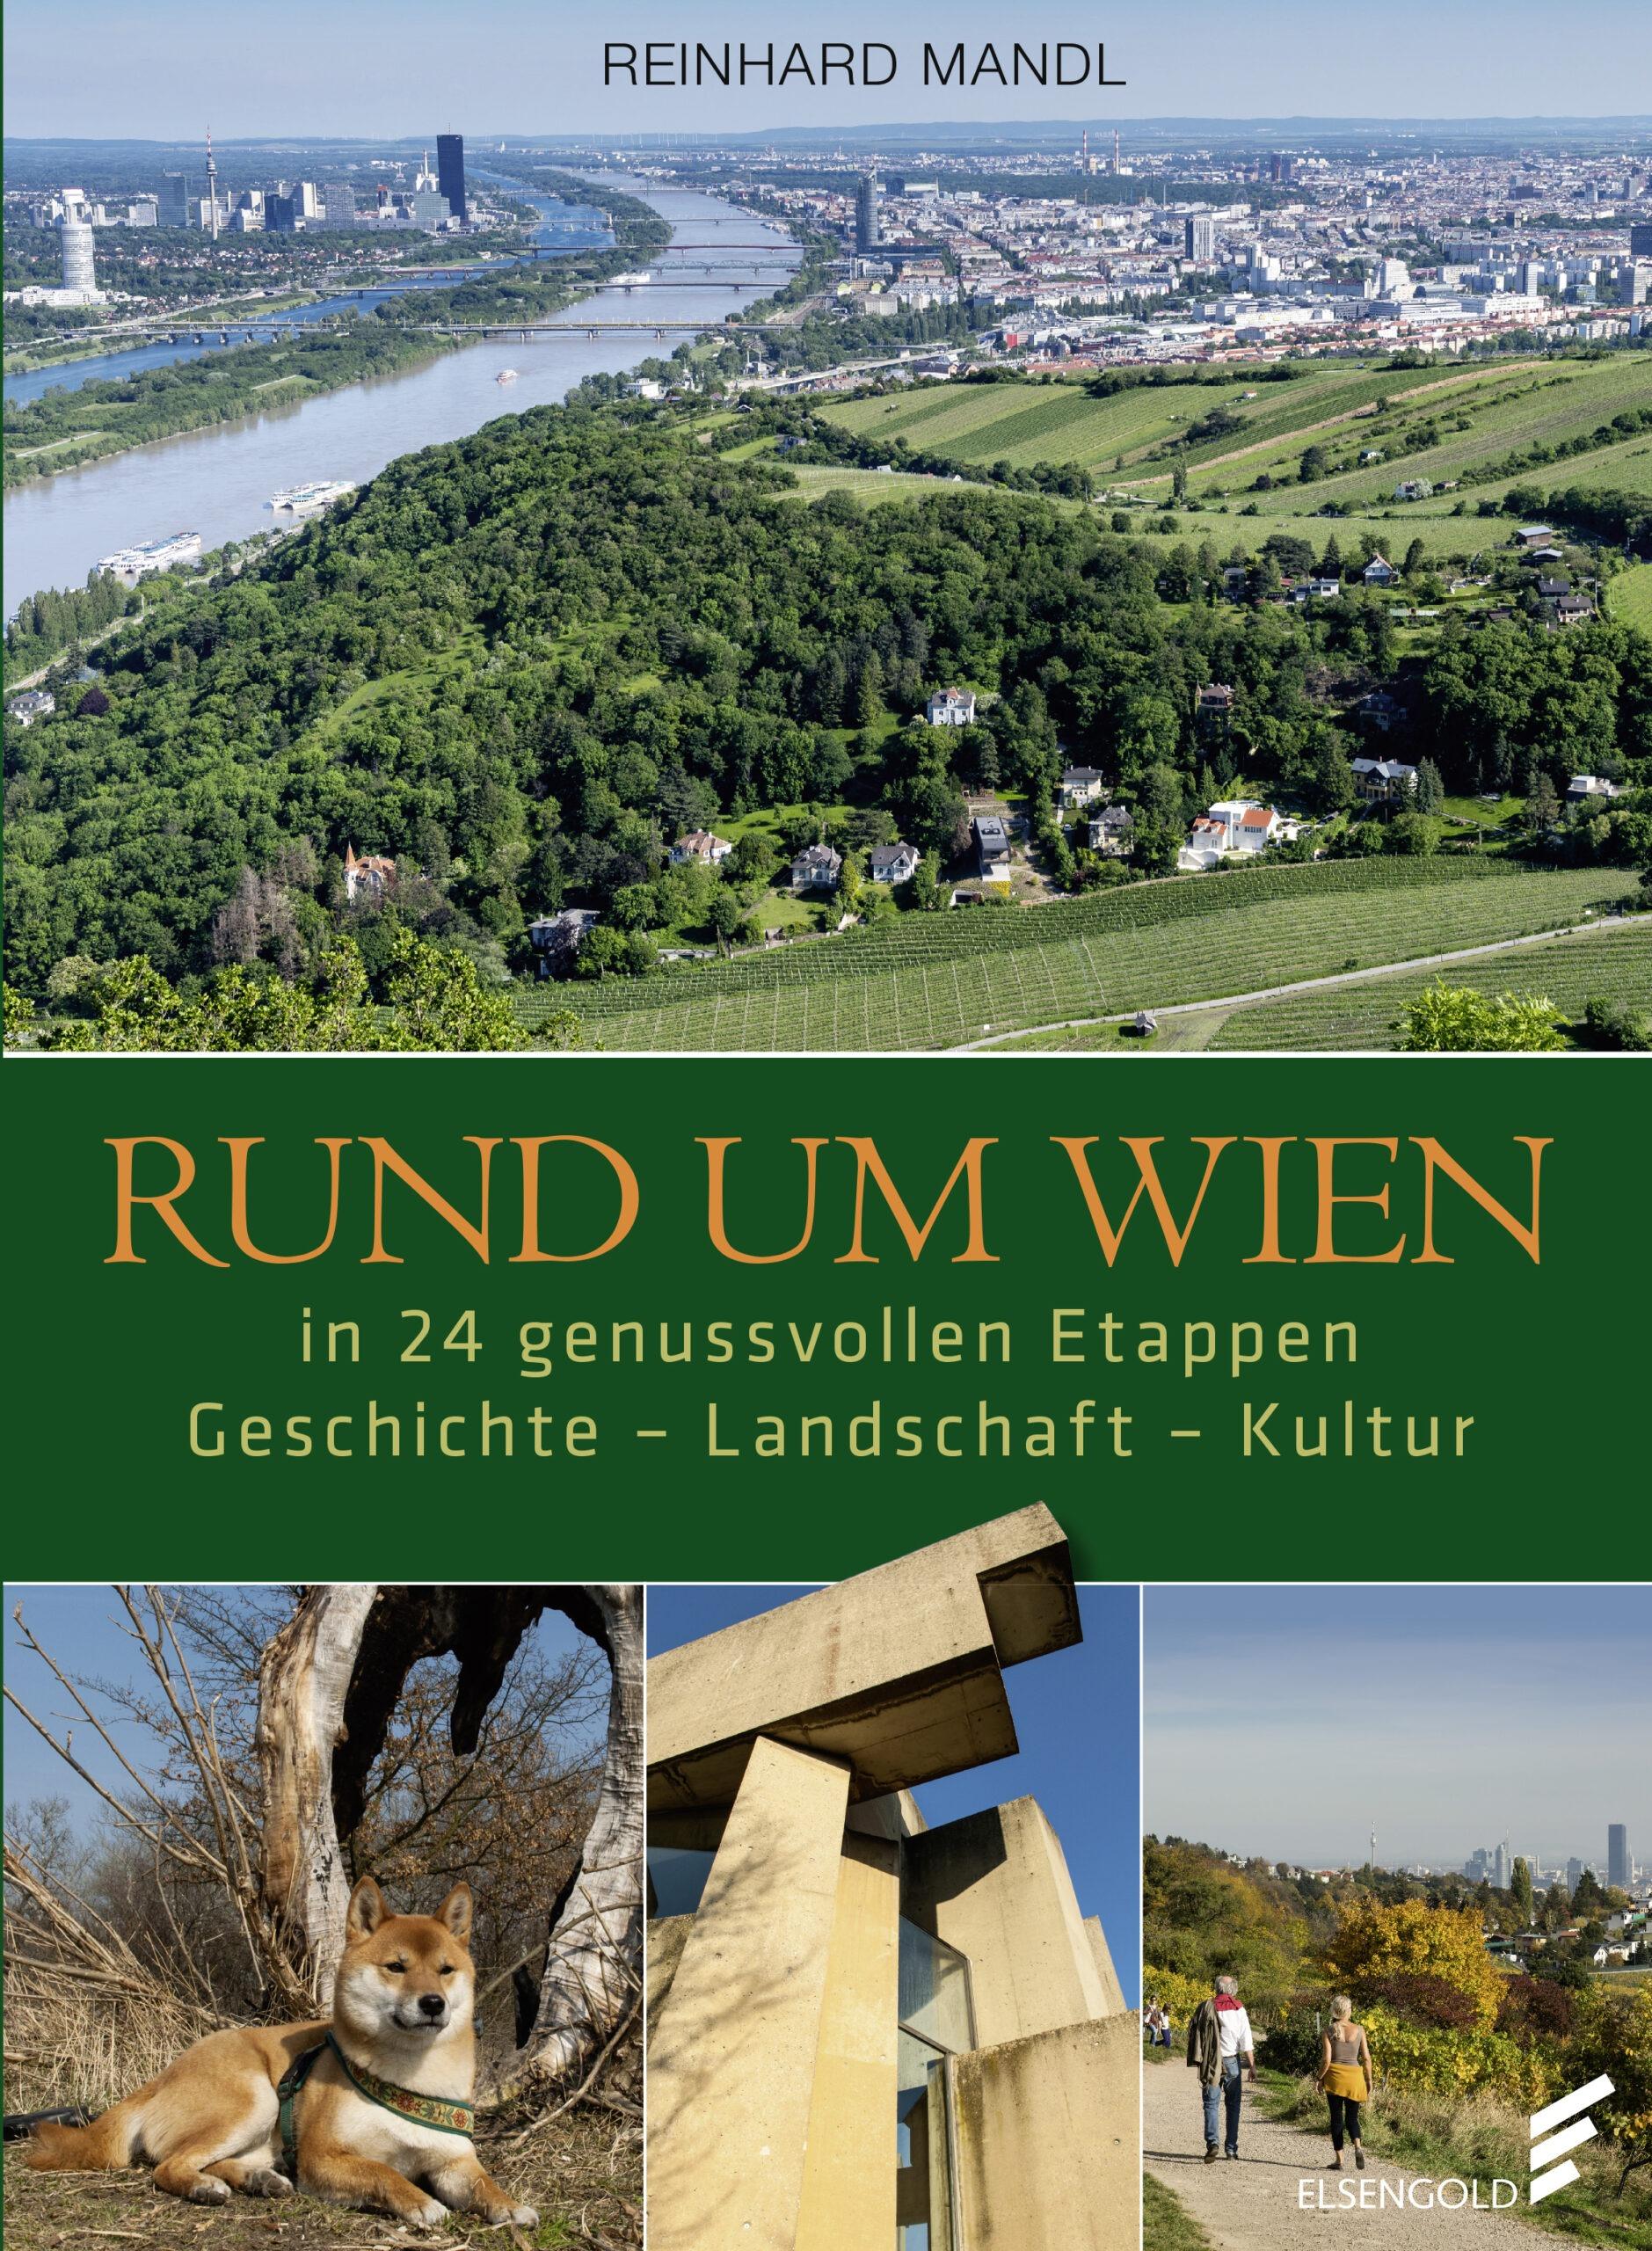 Das Bild zeigt das Cover des Buches Rund um Wien von Reinhard Mandl.